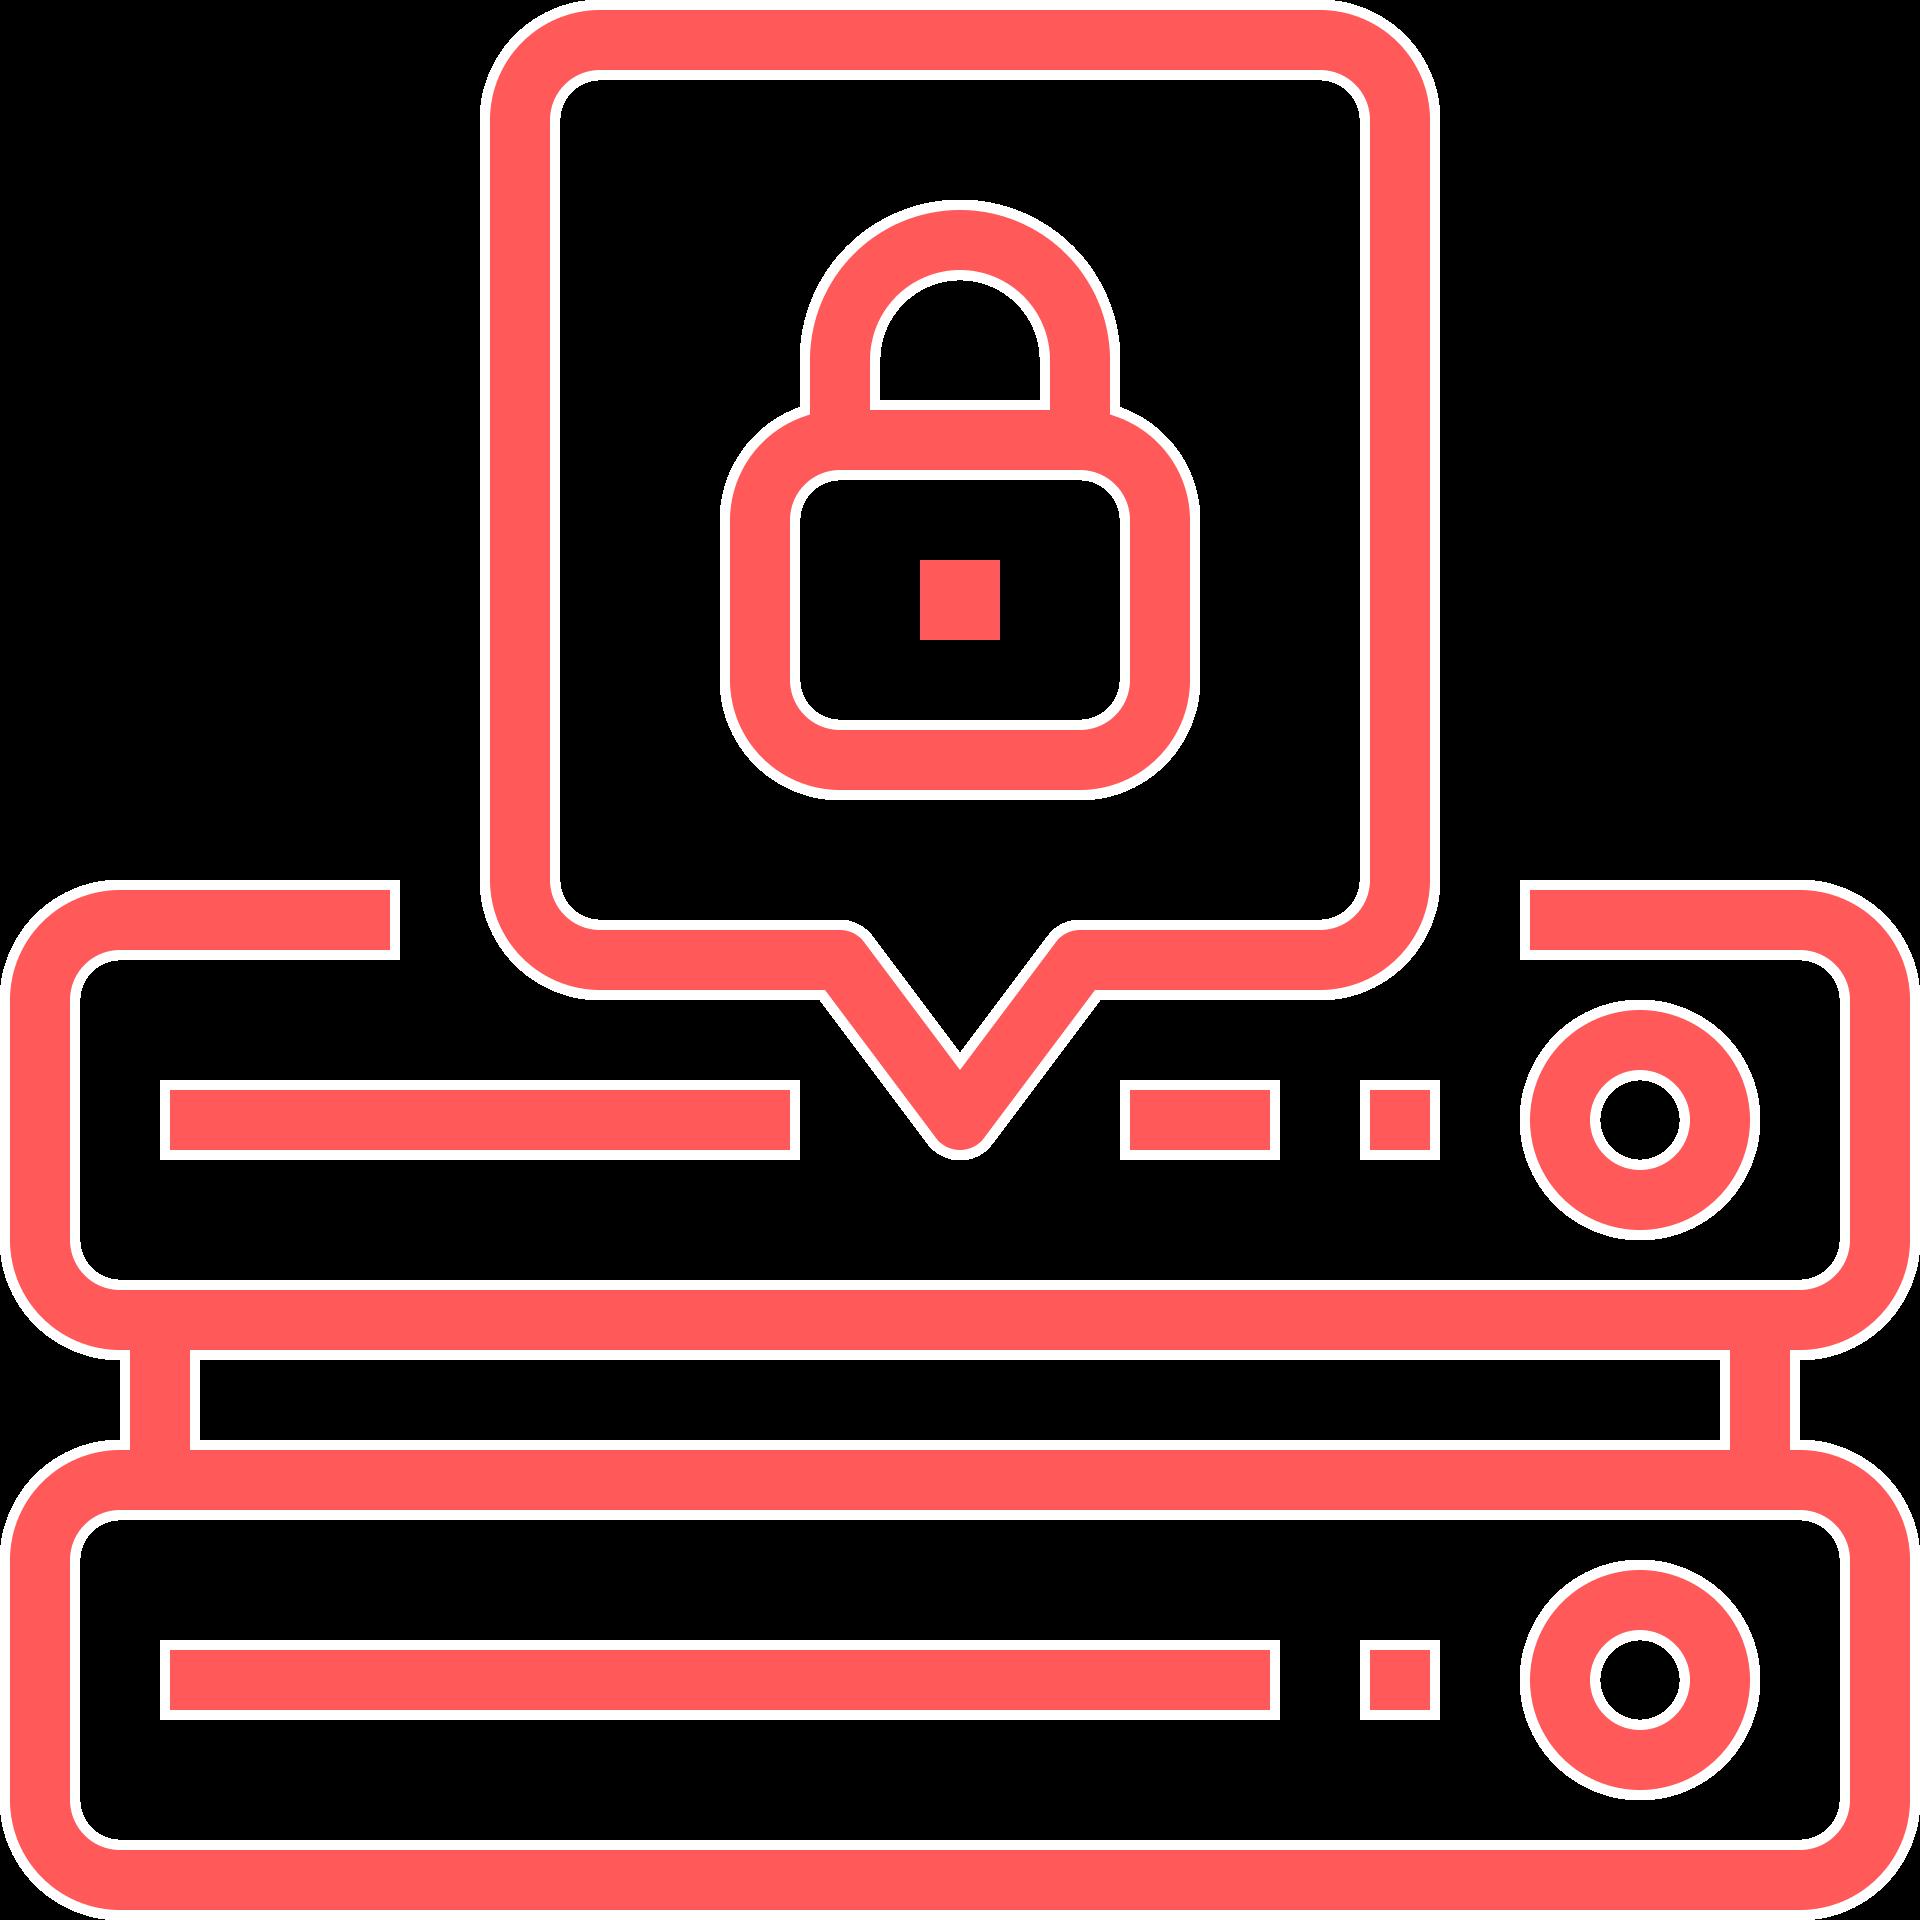 Datenschutz_rot.png